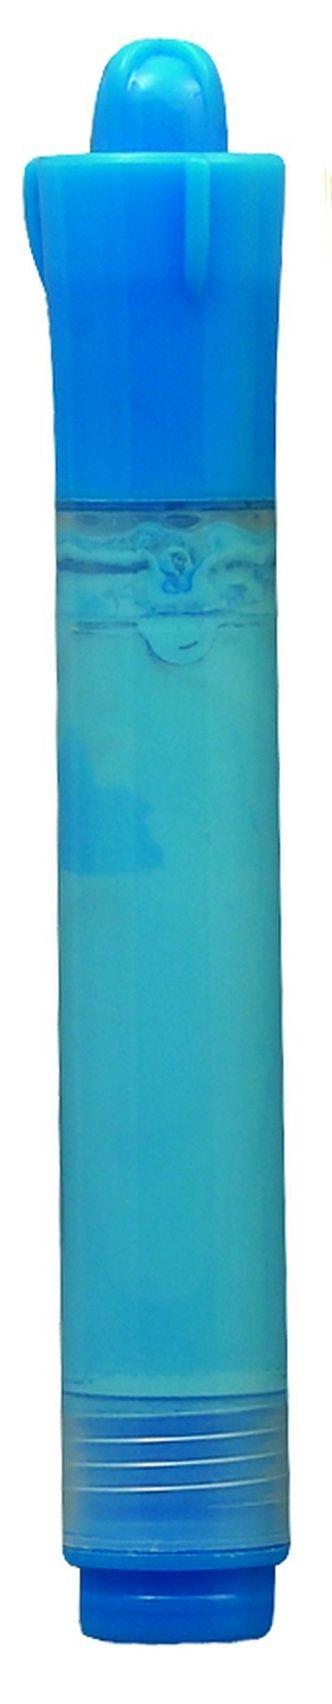 Winco MBM-B Deluxe Neon Marker, Blue